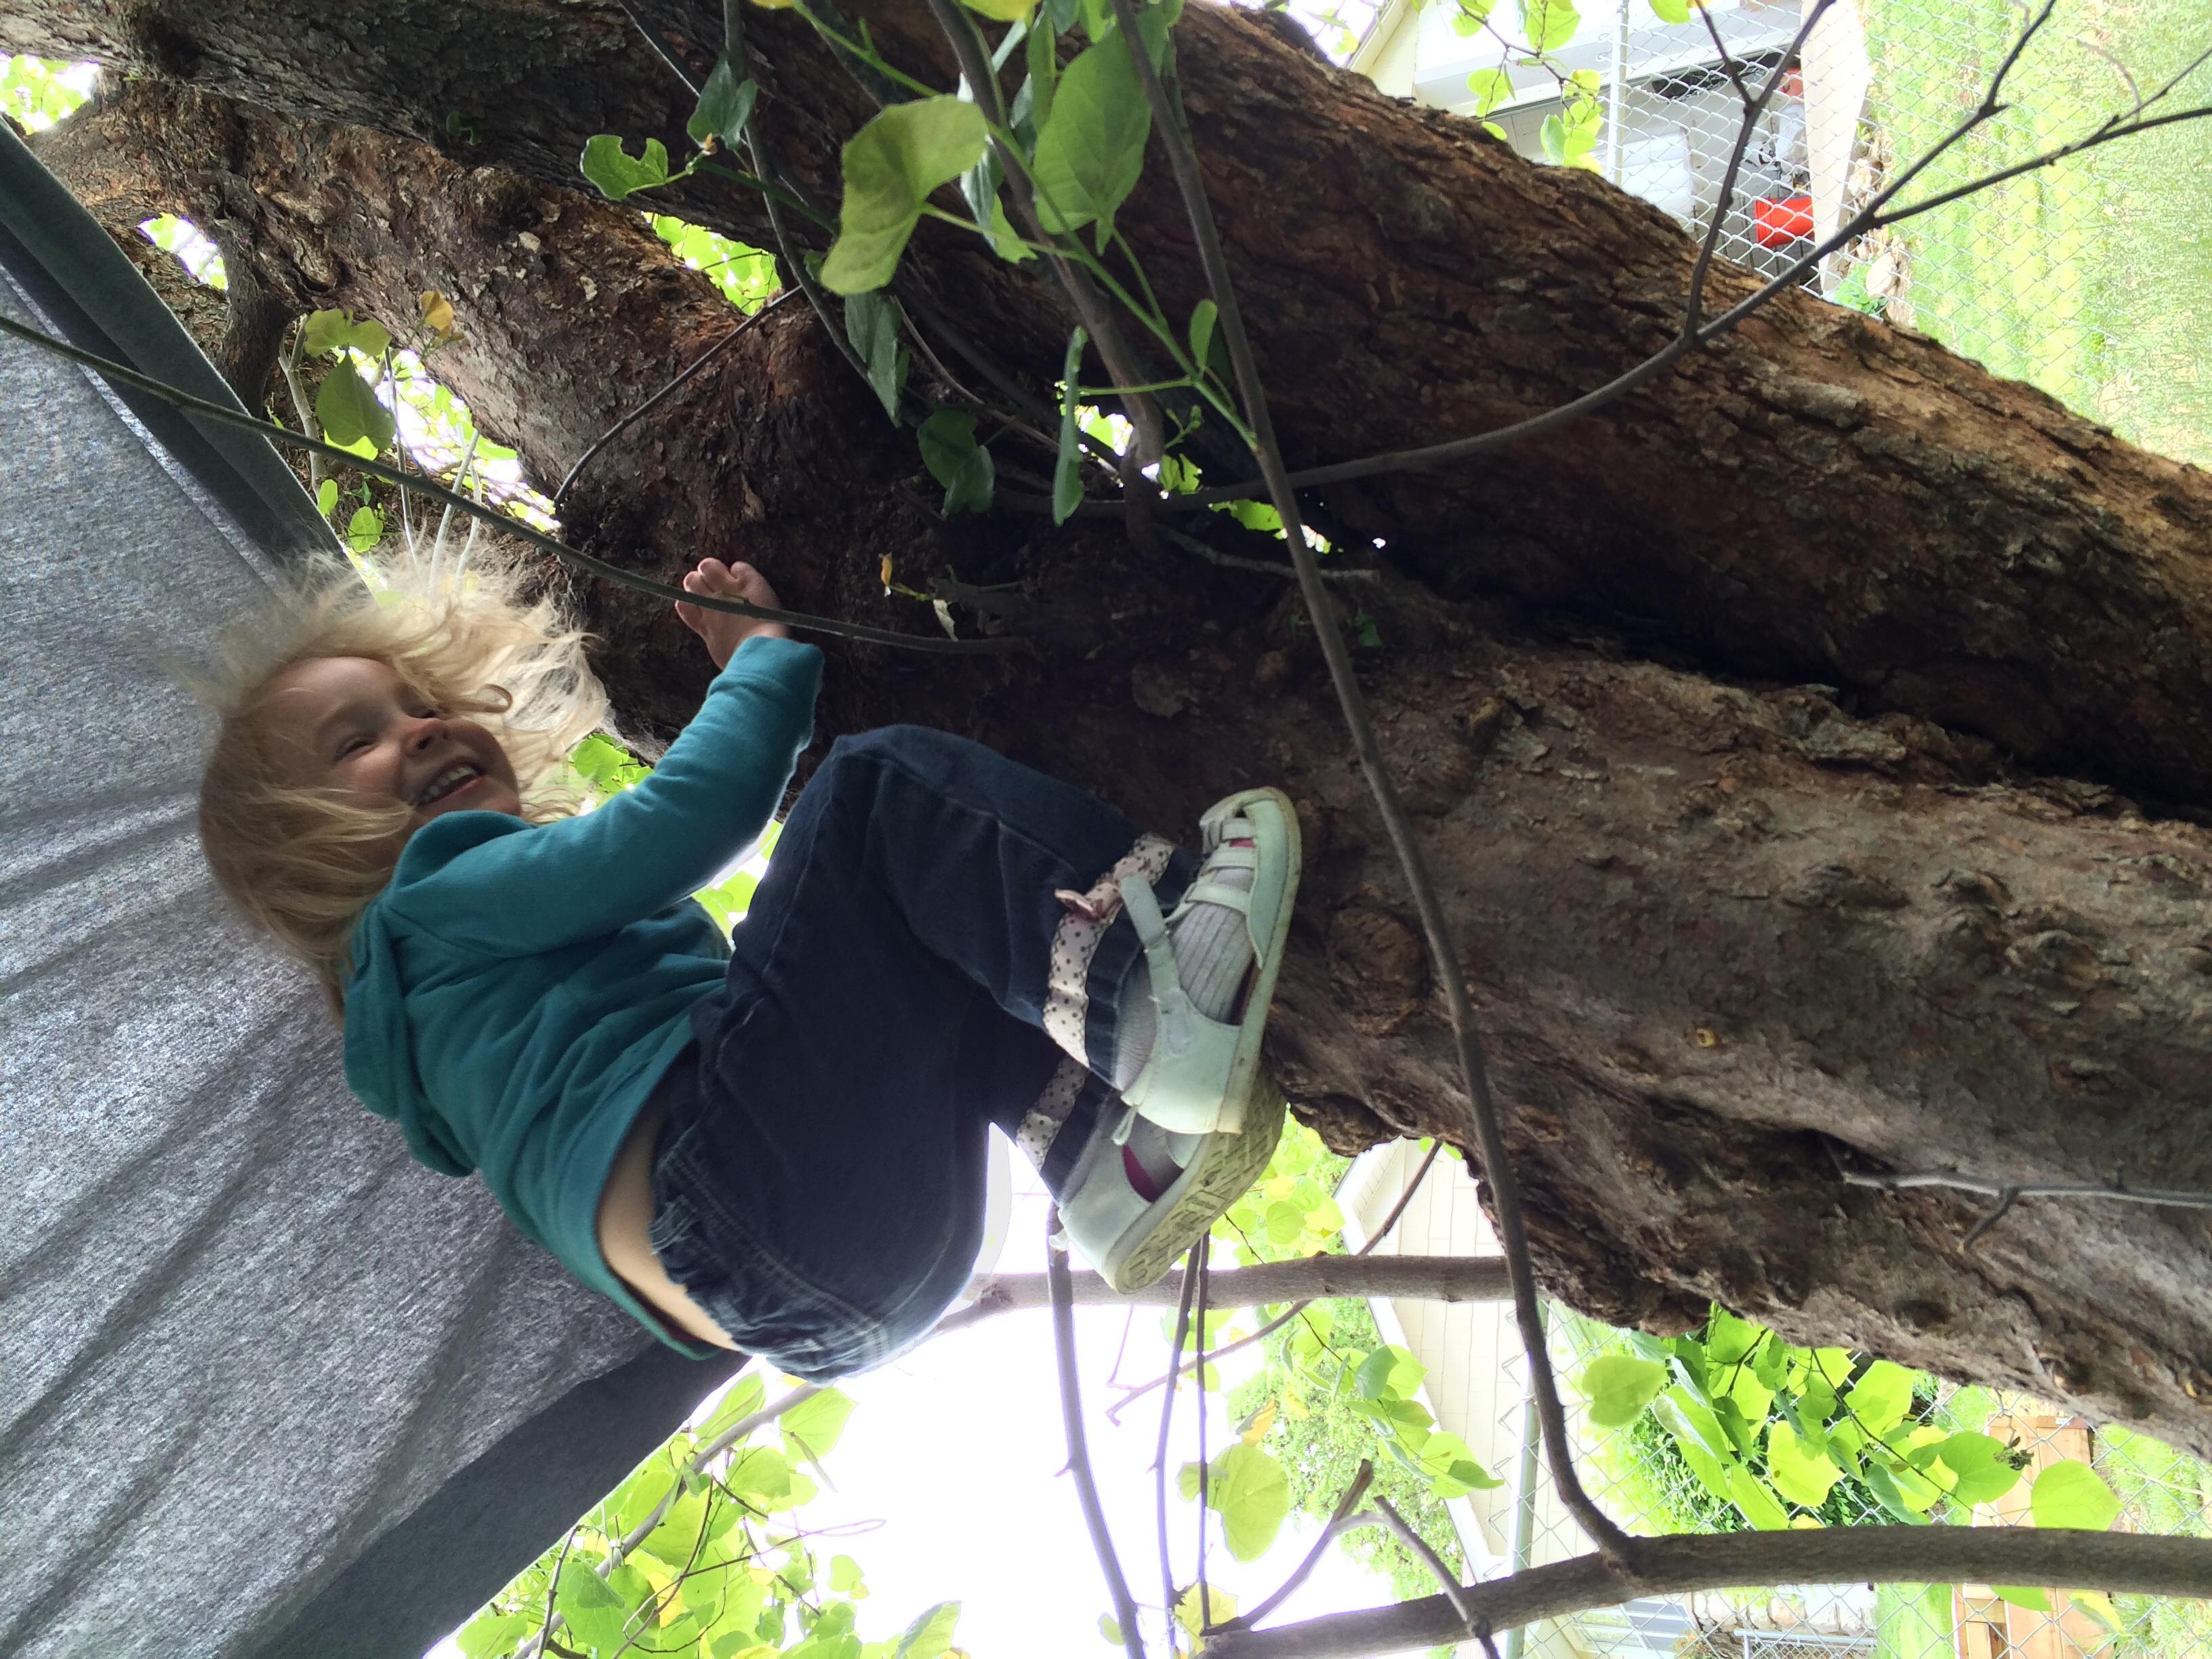 Sydney the climber!